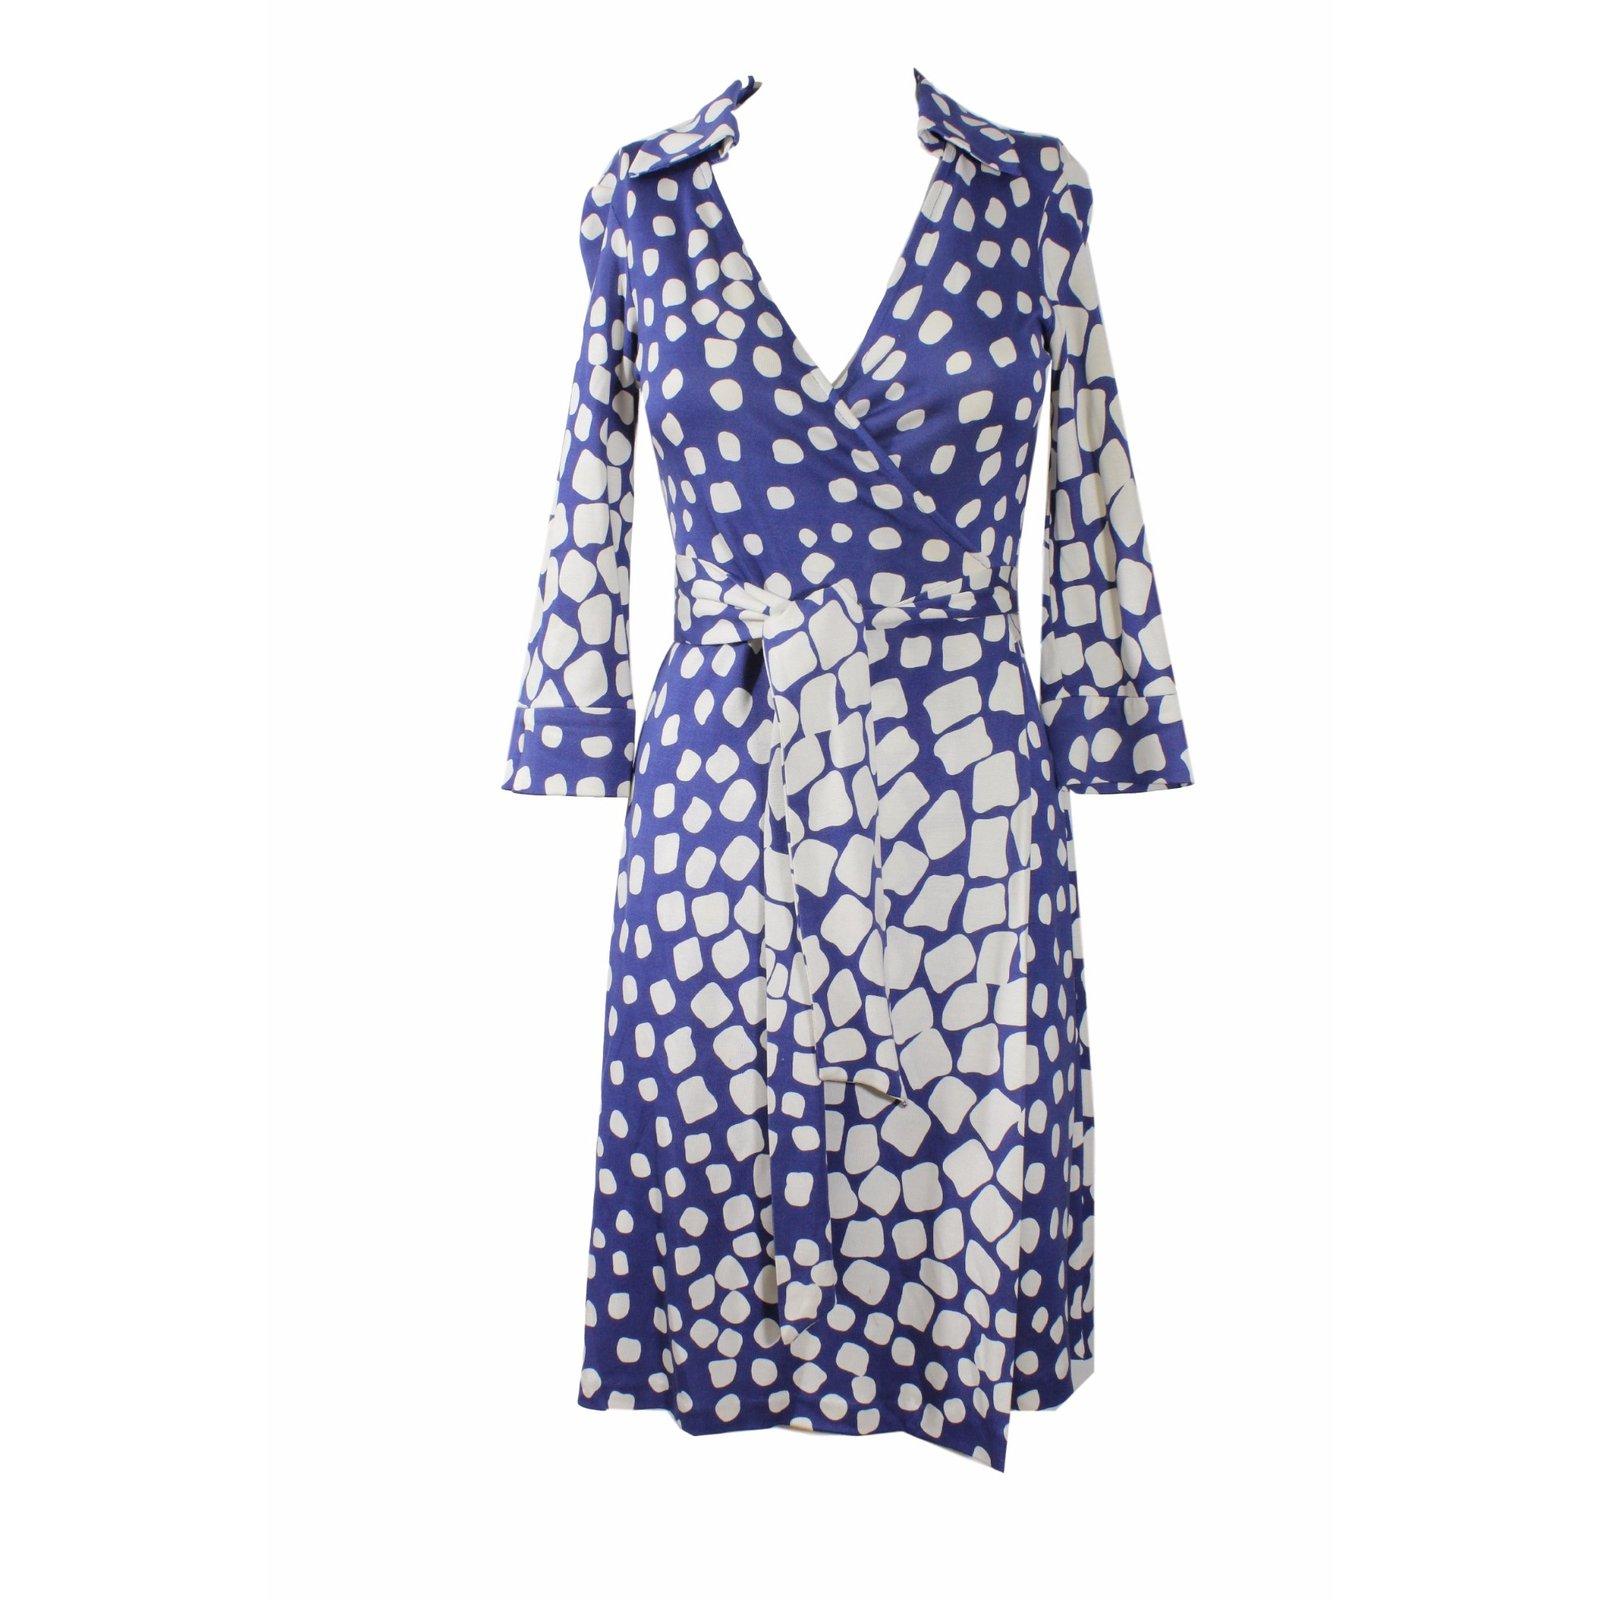 robes diane von furstenberg robe en soie soie bleu joli closet. Black Bedroom Furniture Sets. Home Design Ideas